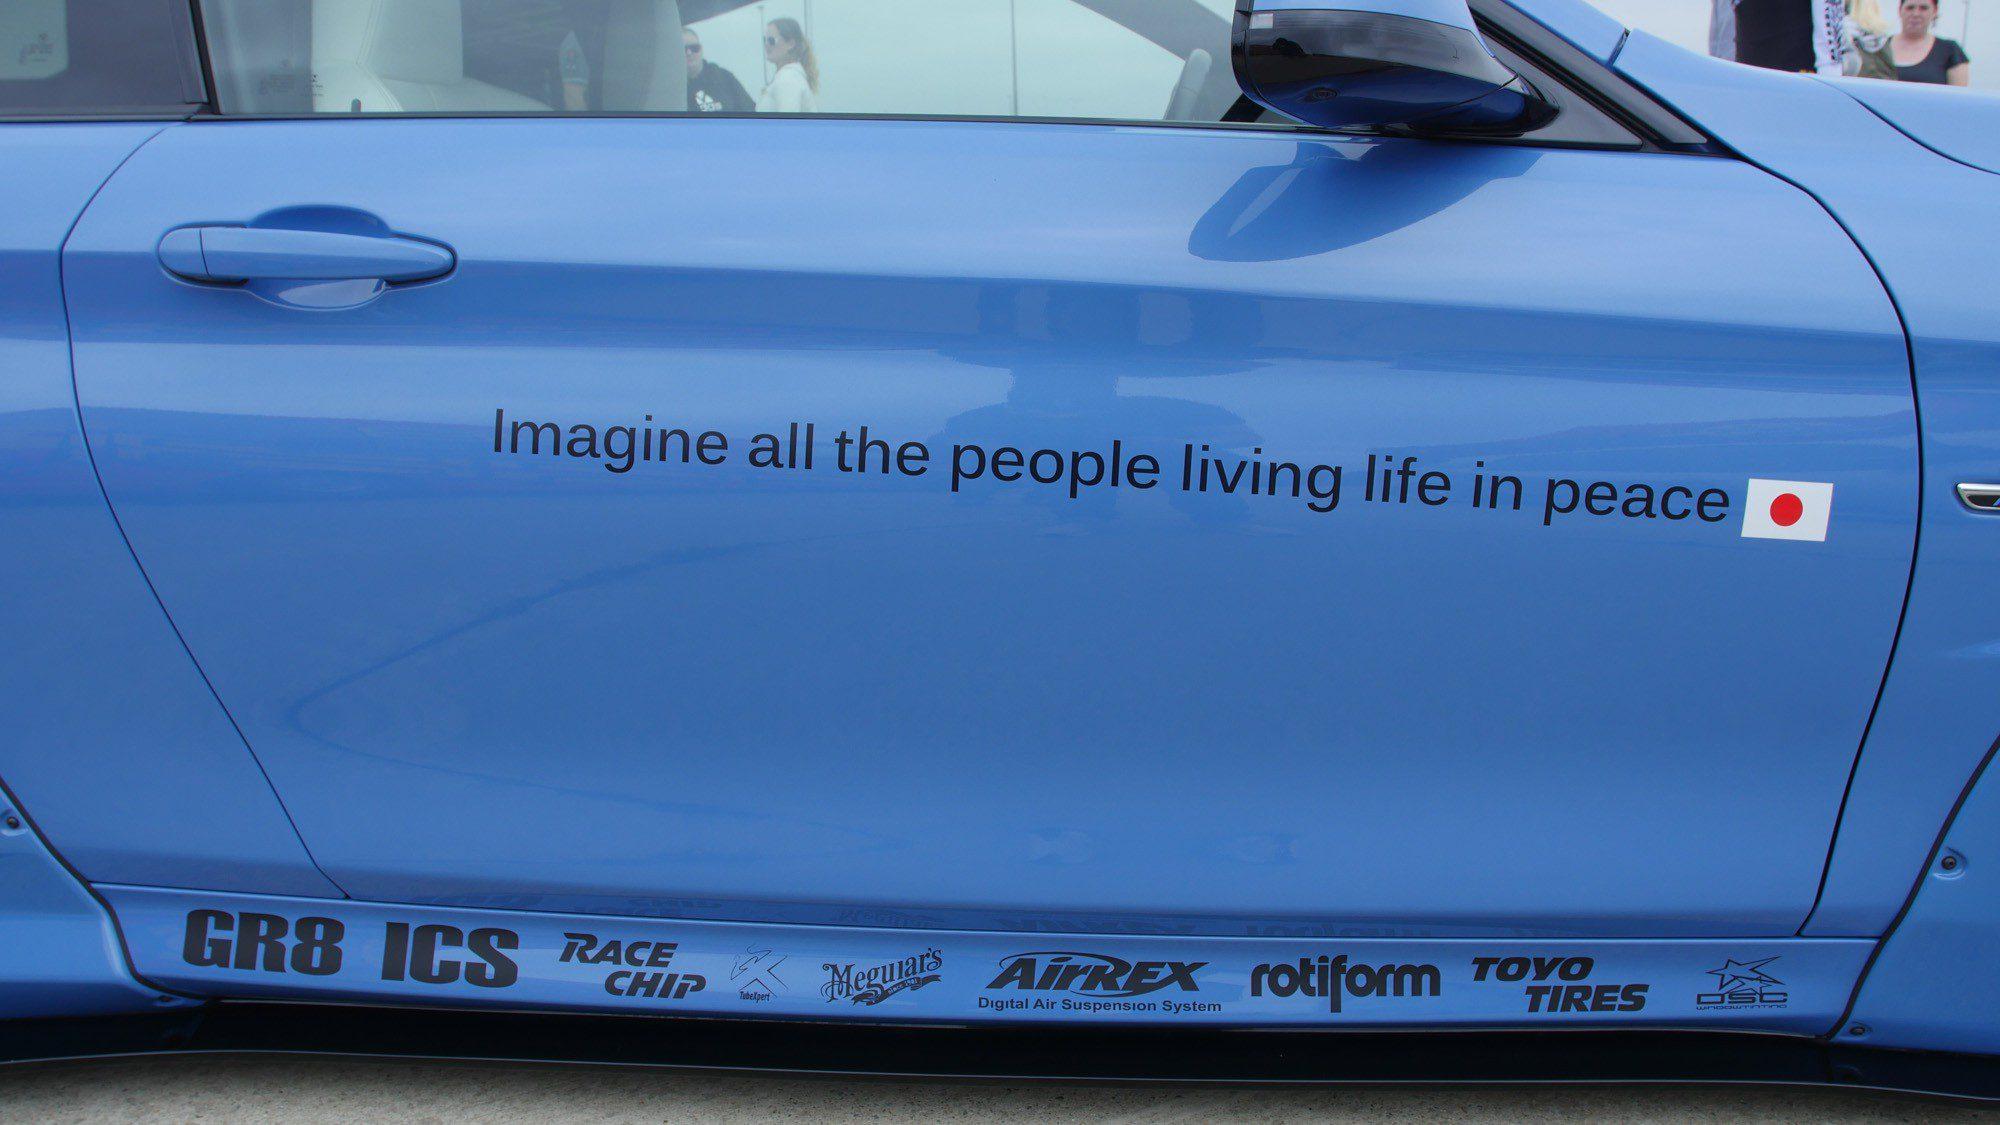 Eine Hommage an John Lennon auf der Tür des BMW M4